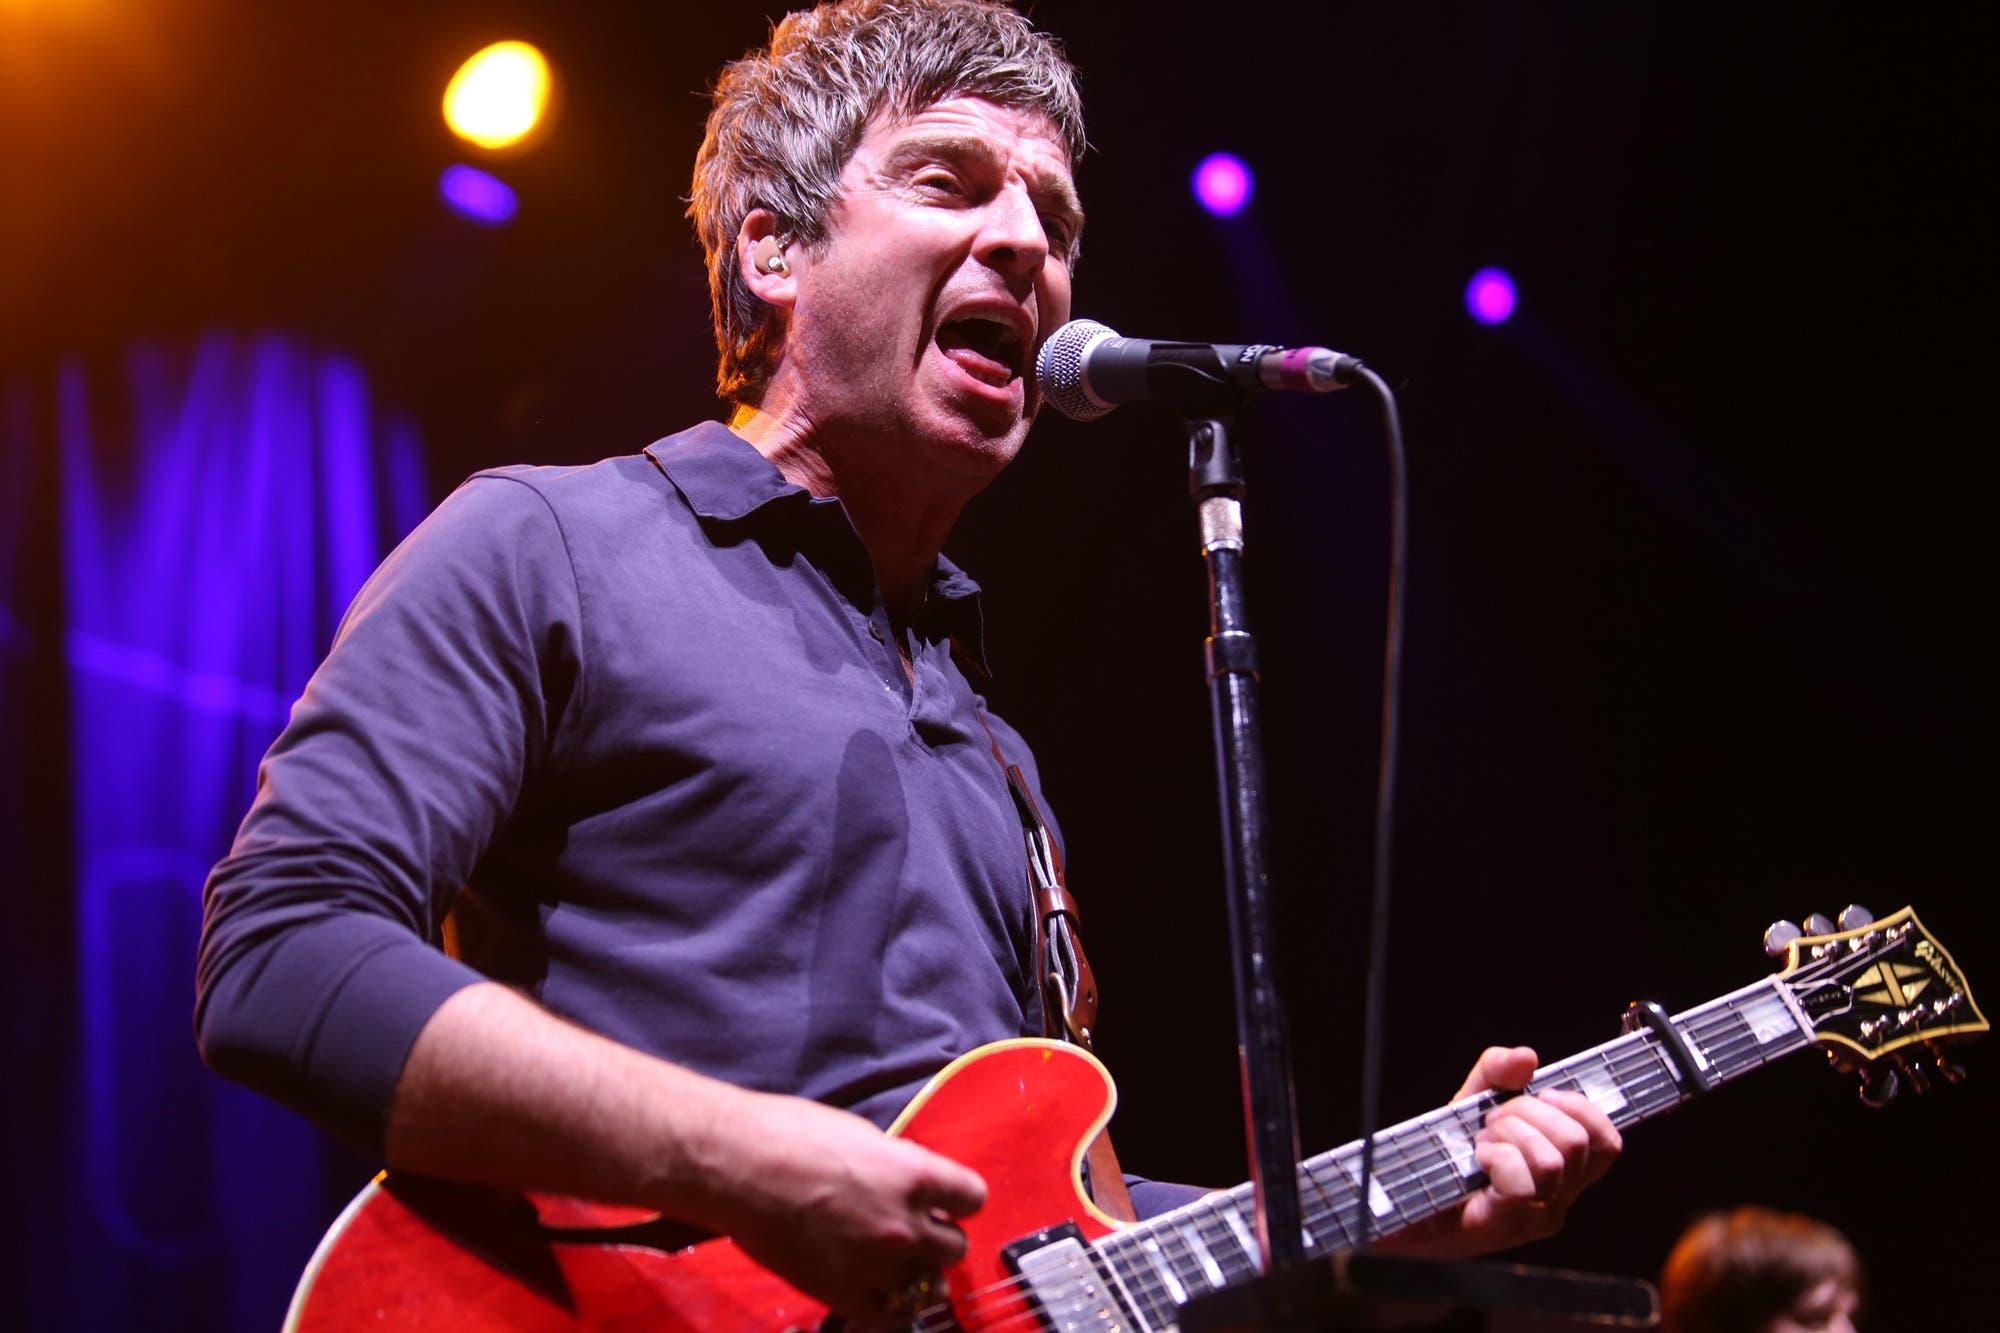 Eterno rebelde: Noel Gallagher explicó por qué se niega a usar barbijo